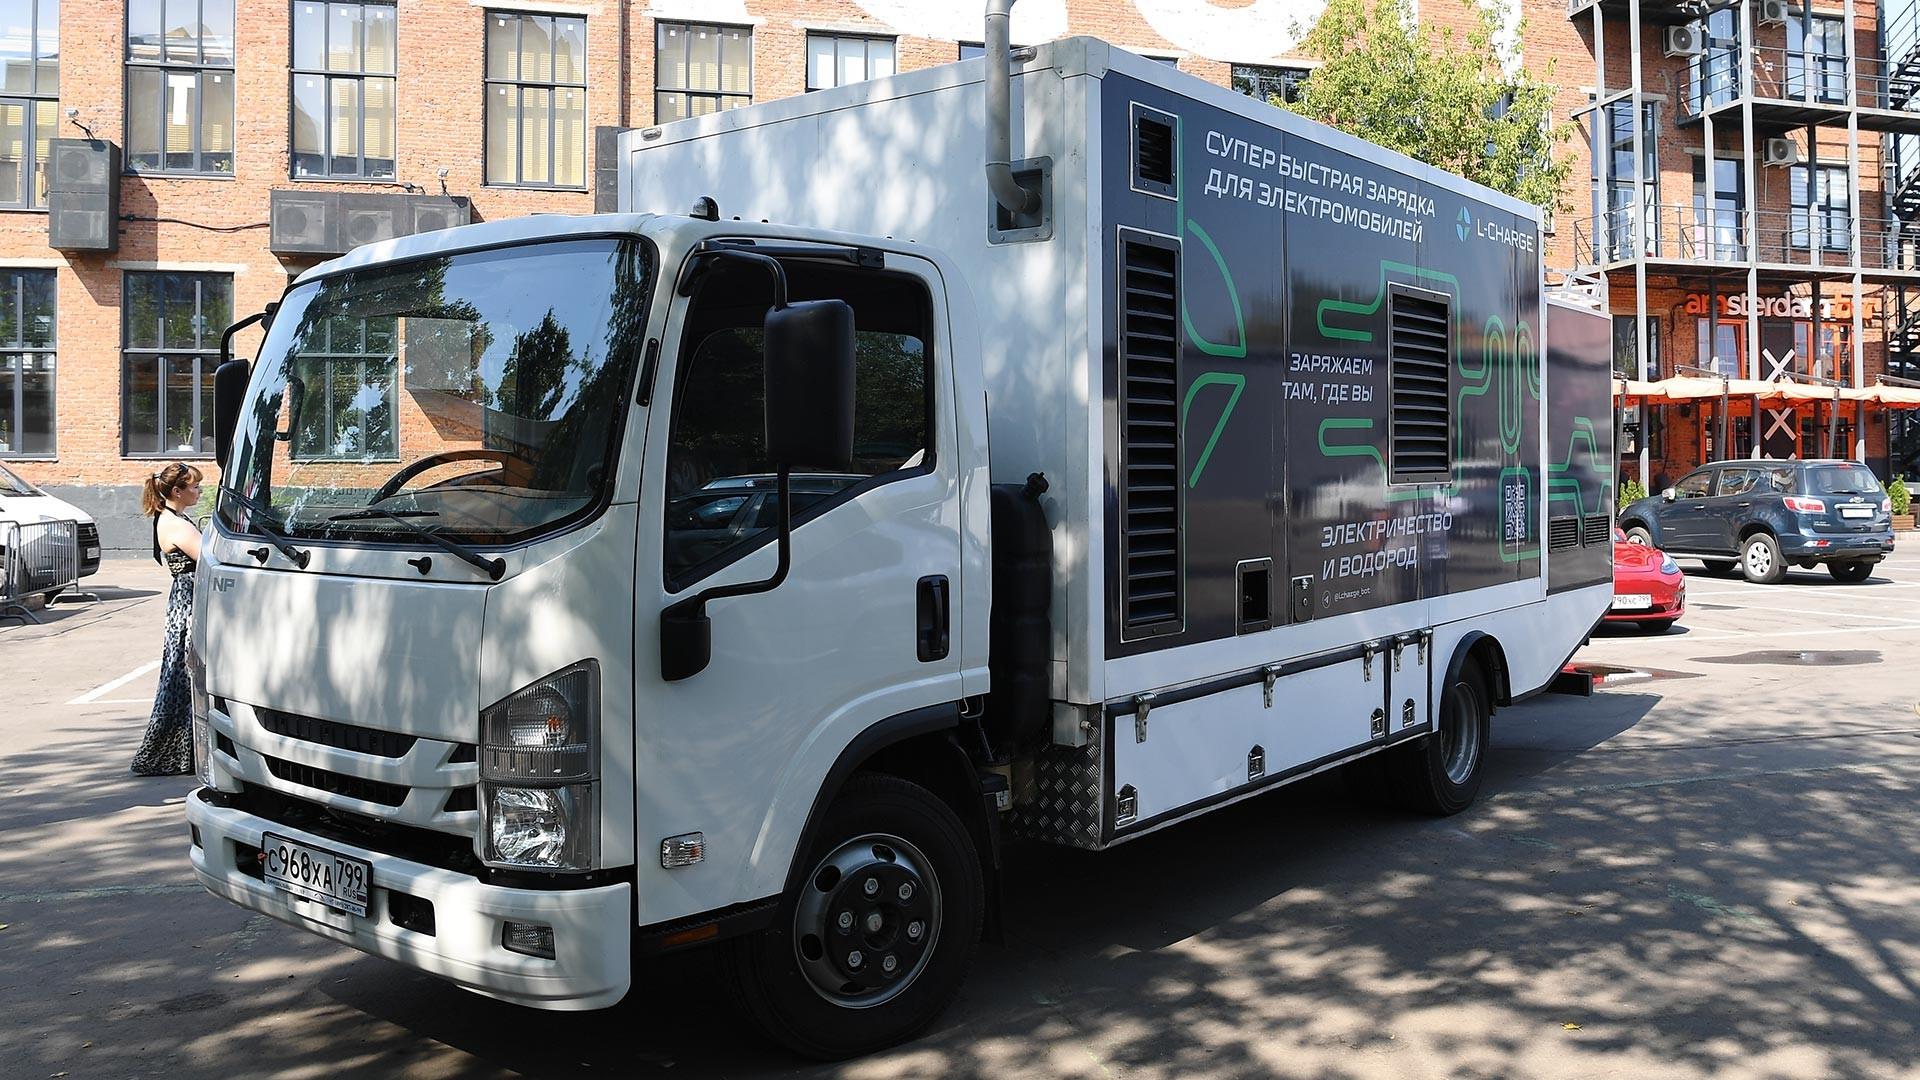 Произвођач станица за пуњење возила на електрични погон L-Charge представио је мобилни пуњач електромобила који ради на принципу таксија, тј. може се позвати у било који део Москве.